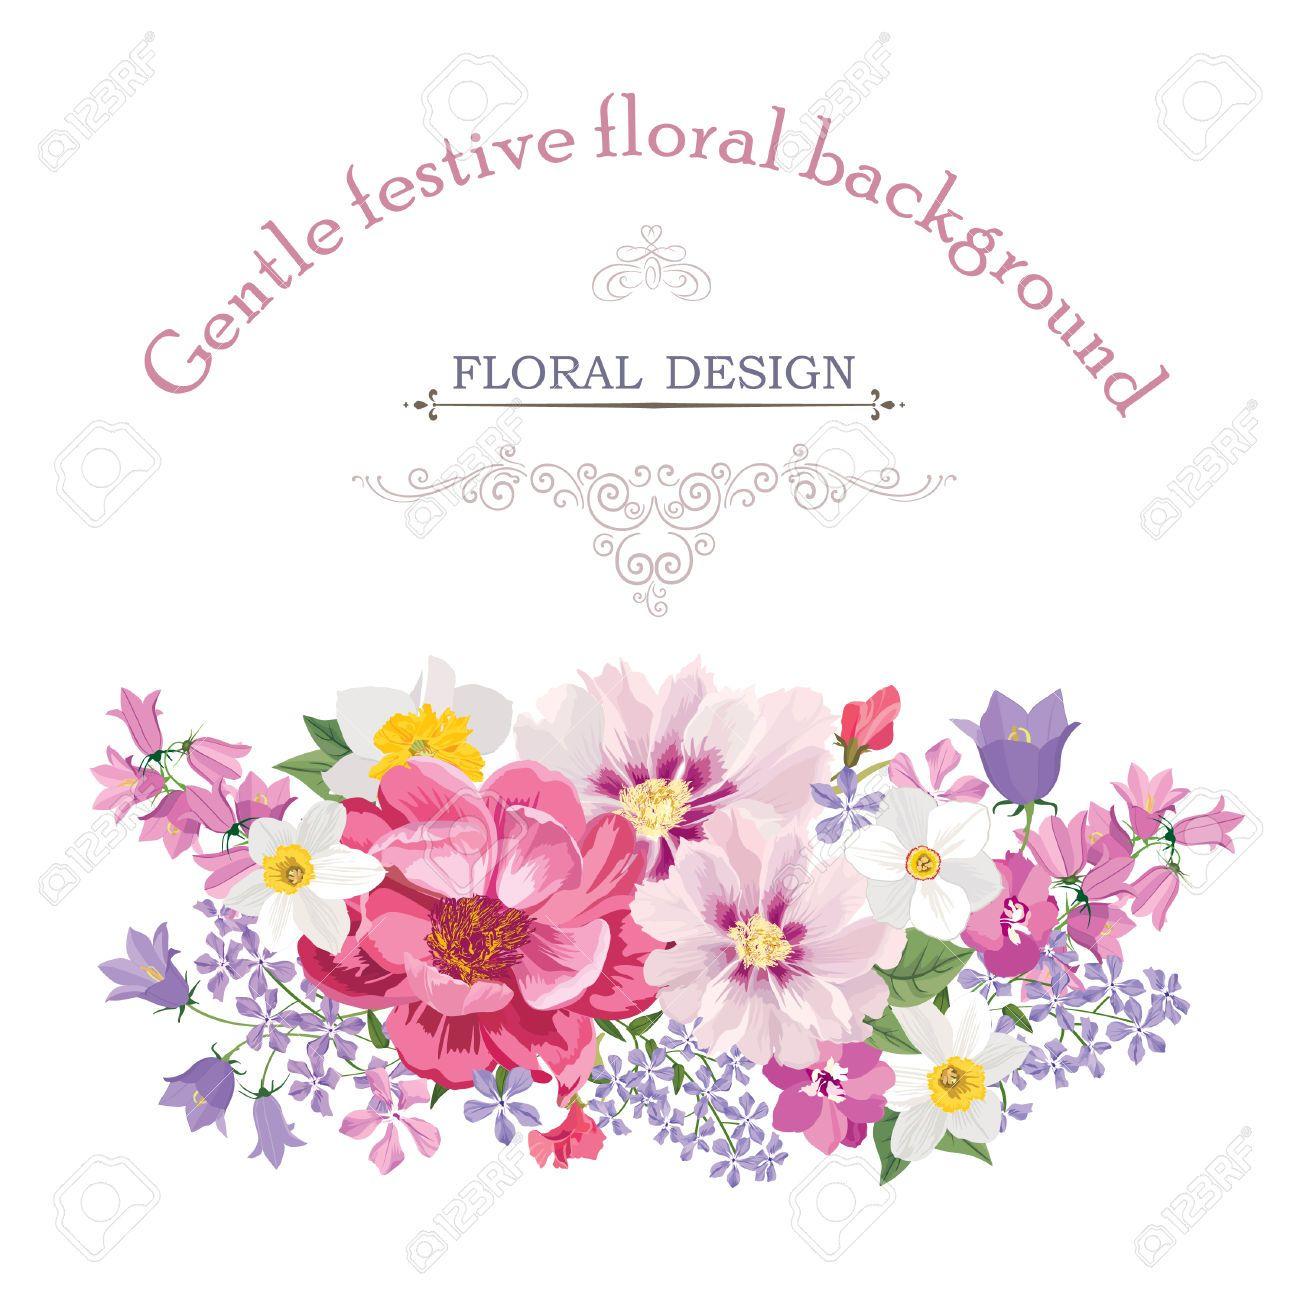 46073574FloralframewithsummerflowersFloralbouquet